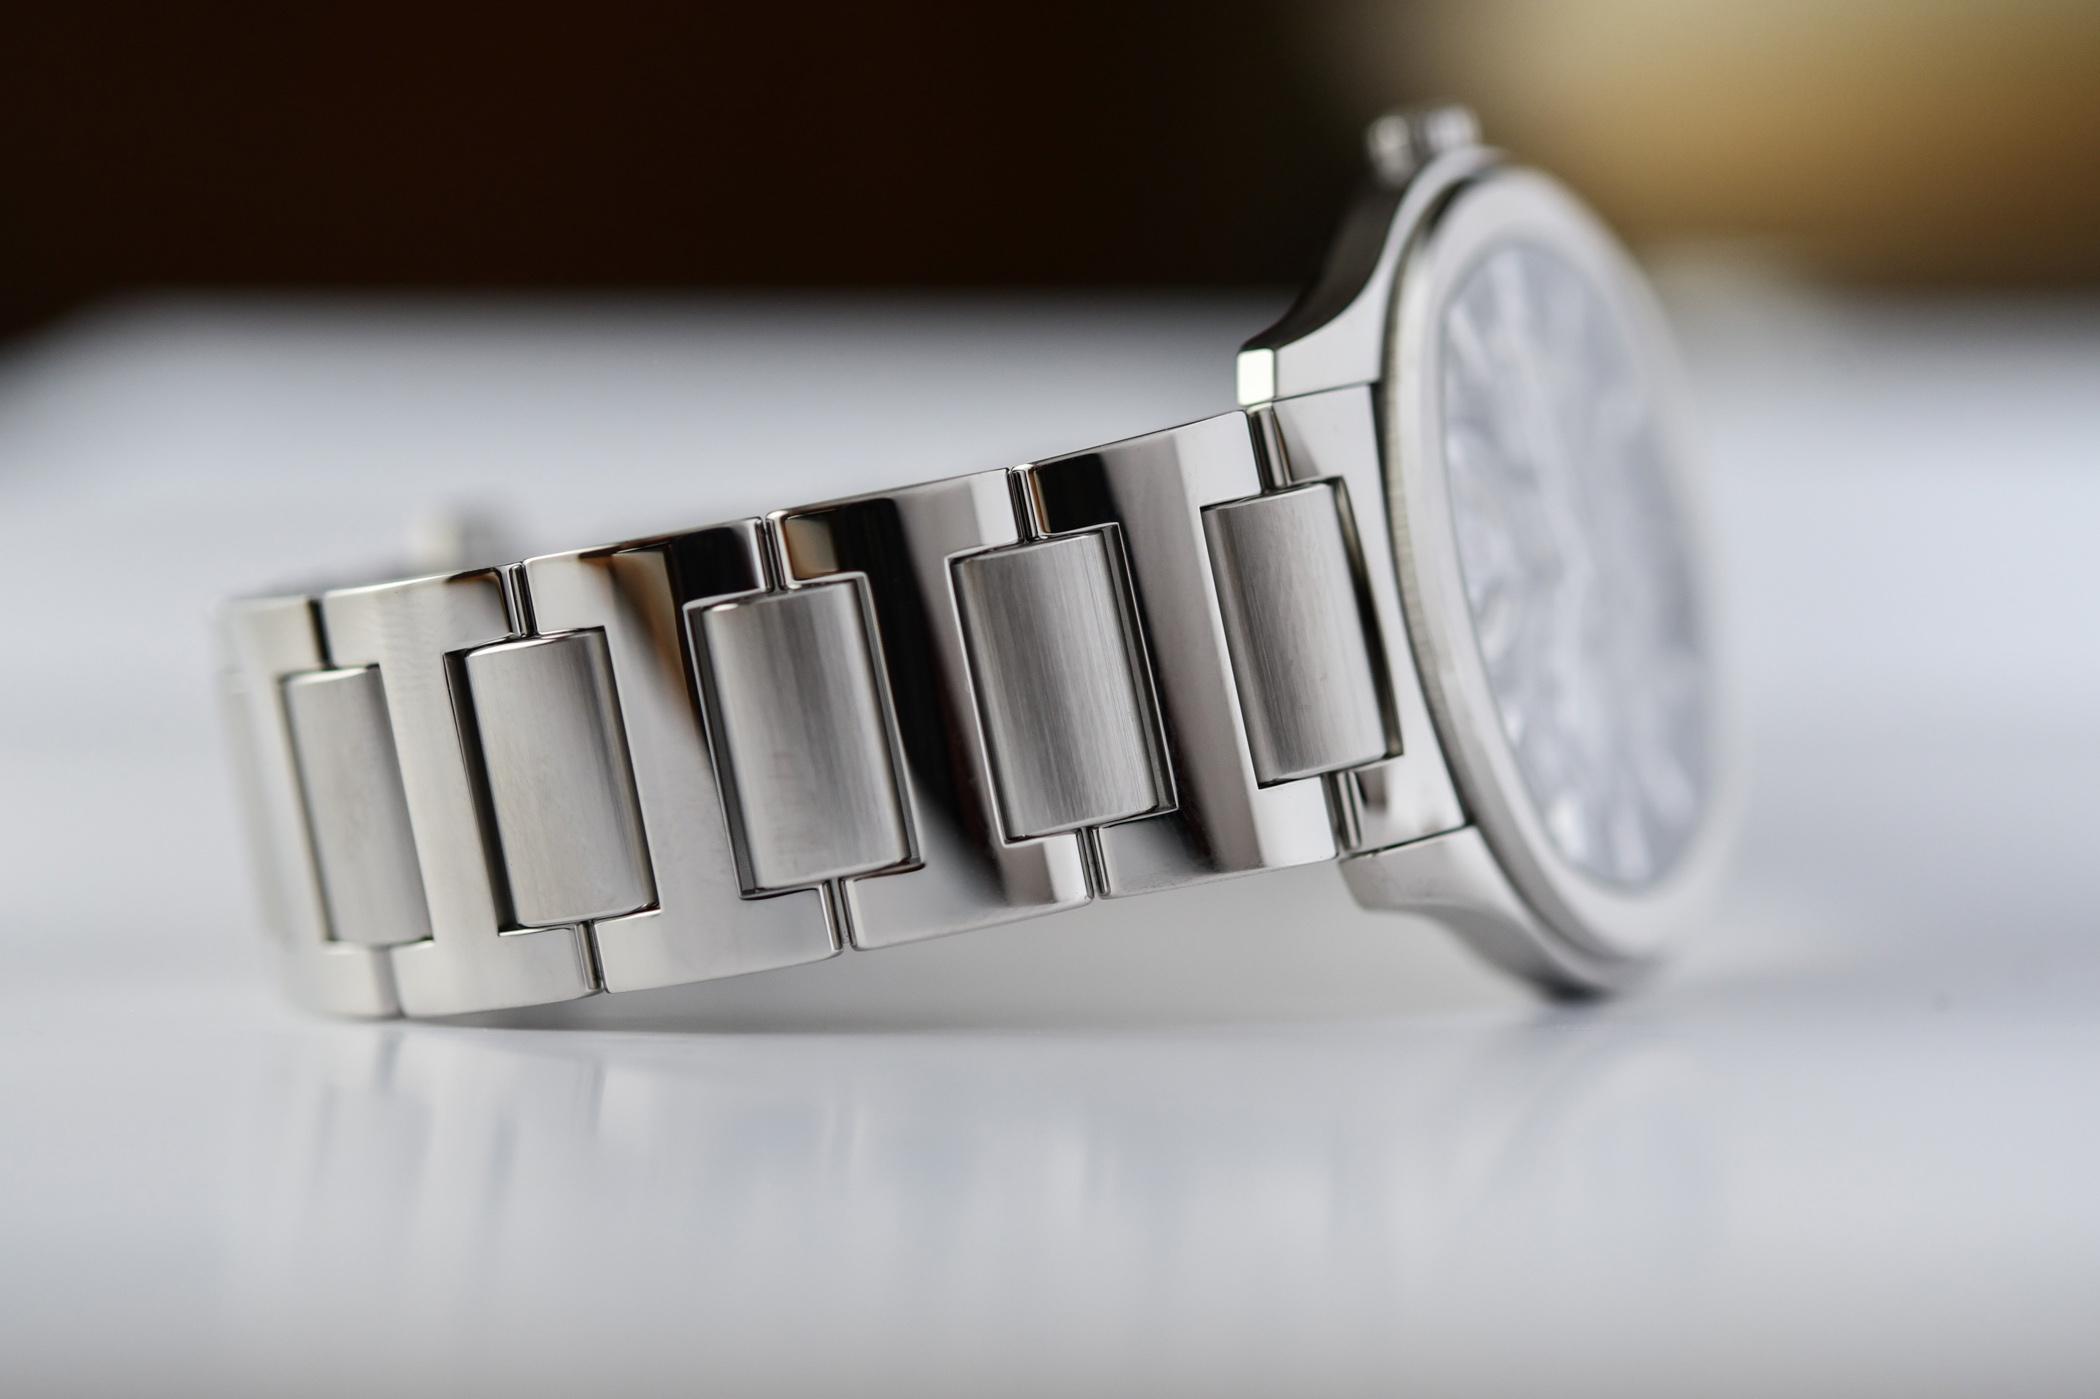 Piaget Polo Skeleton - Calibre 1200S ultra-thin